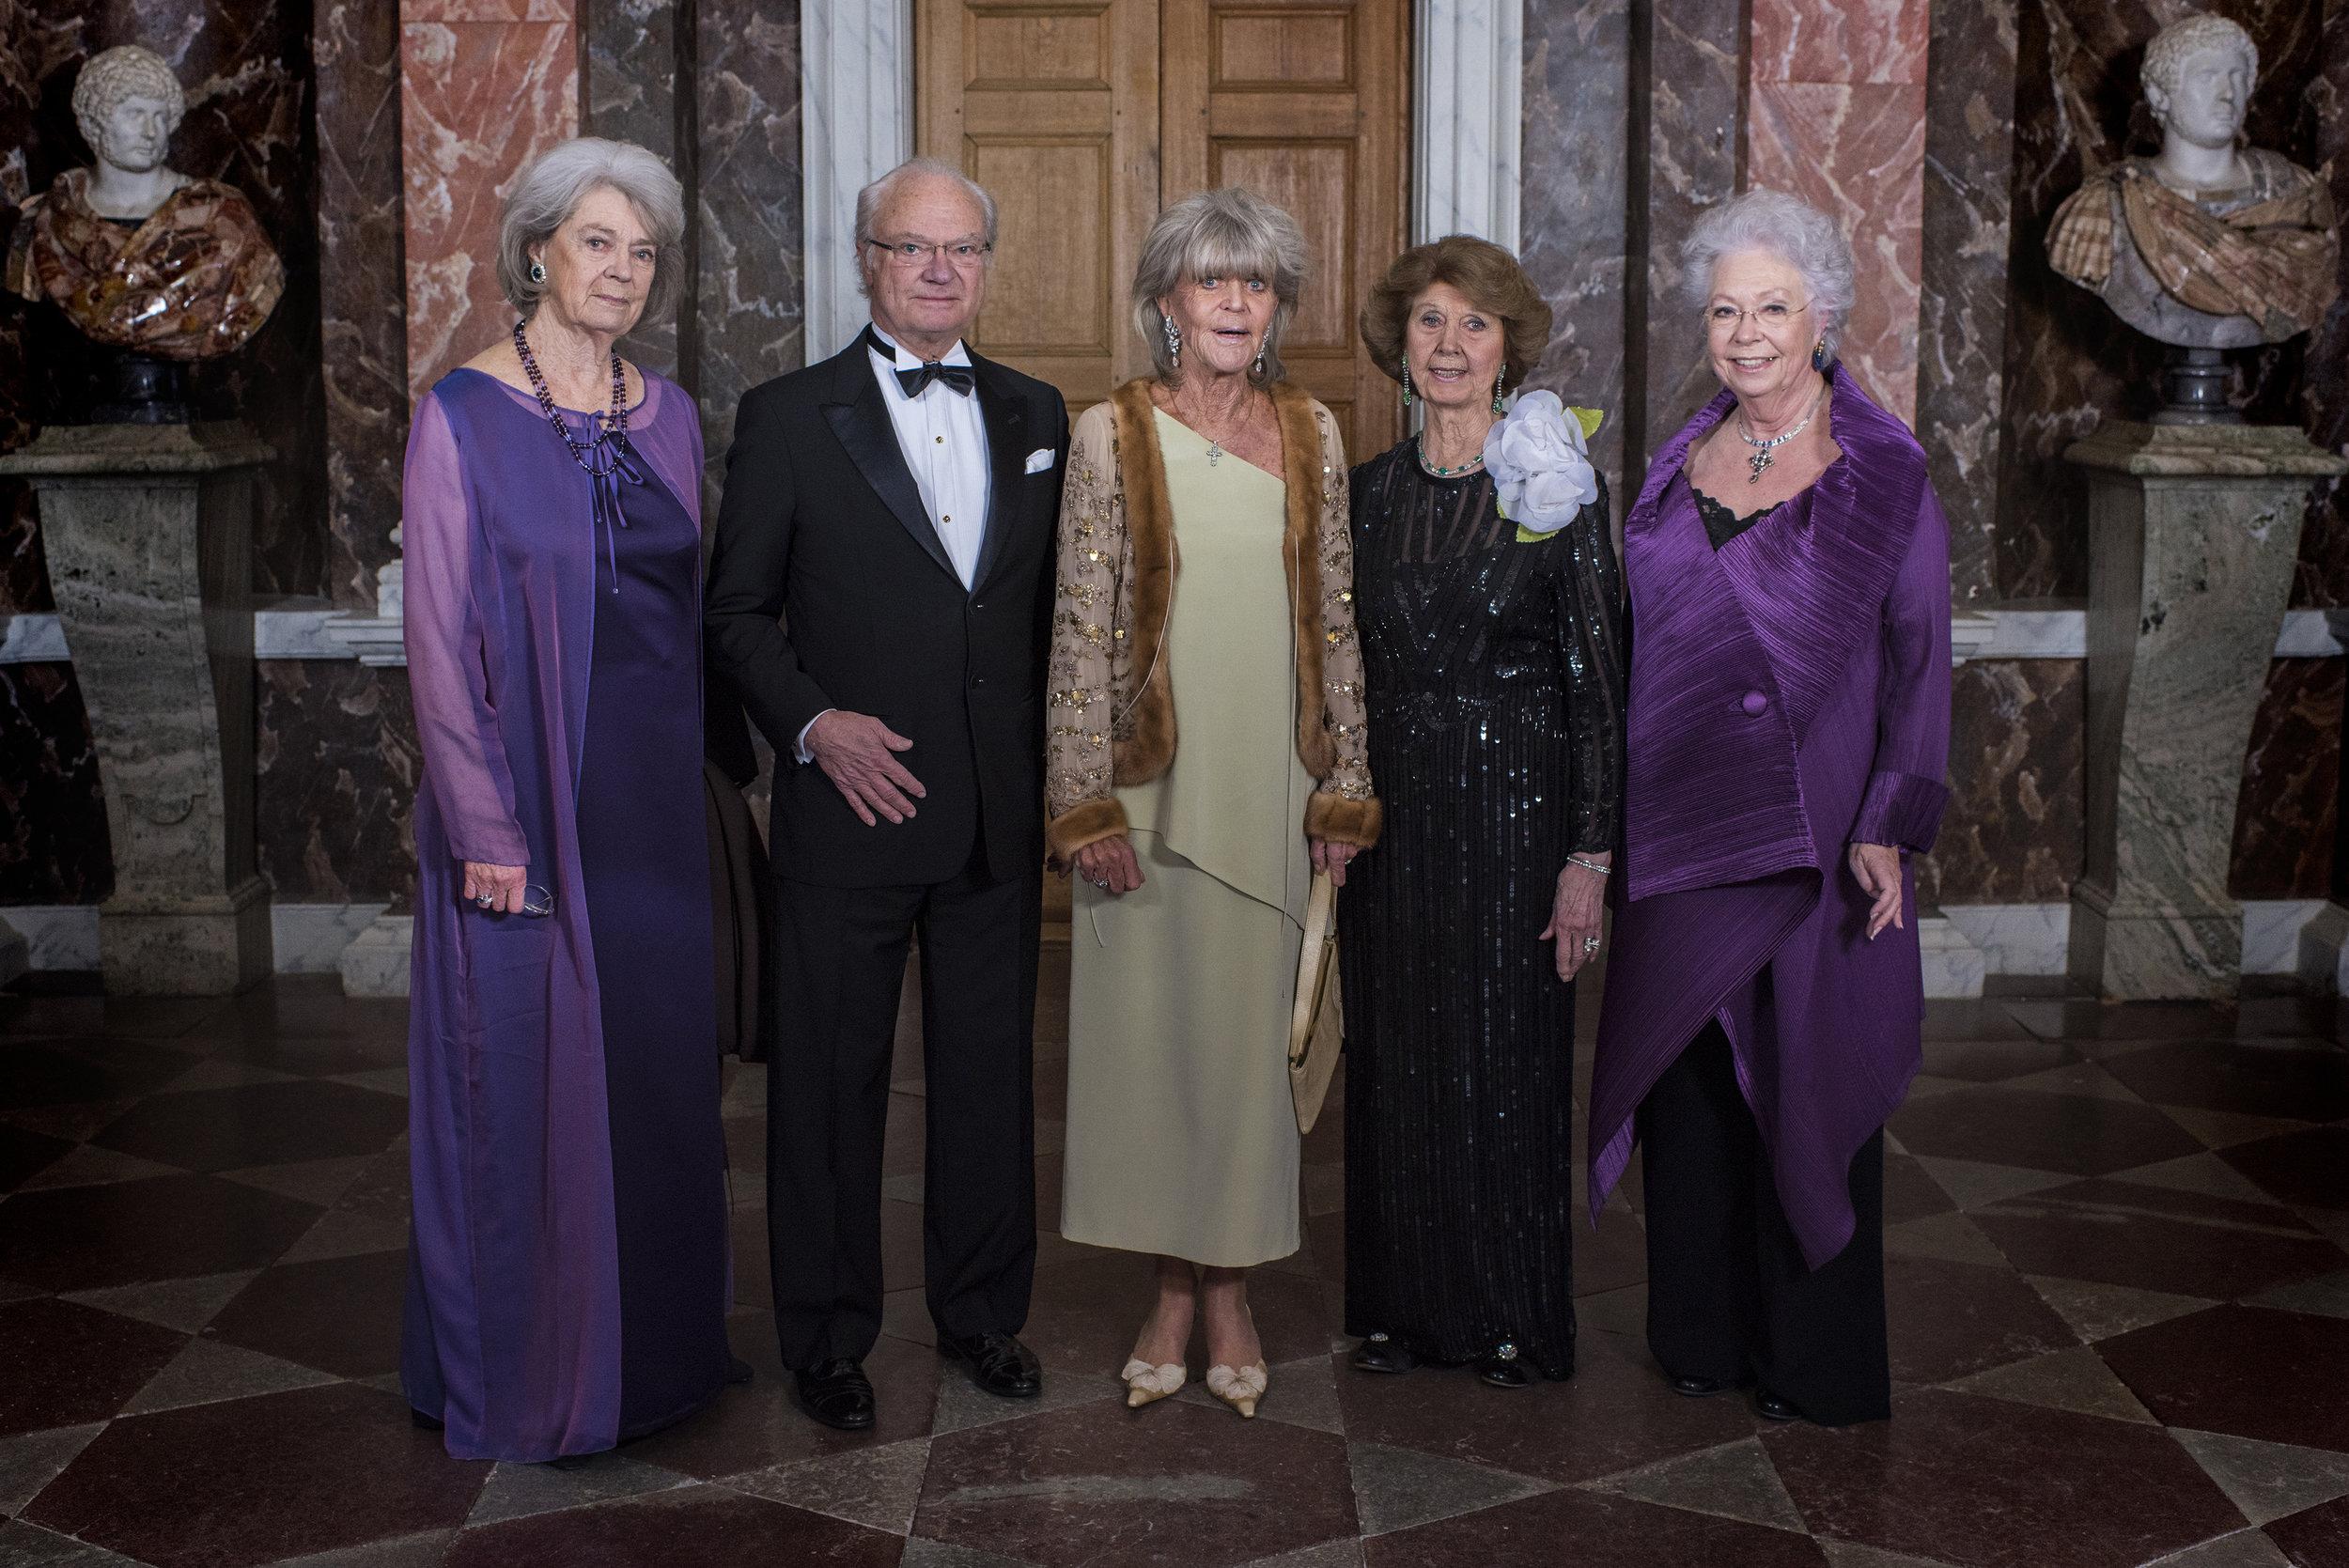 Prinzessin Christina (r.) mit ihren Geschwistern Margaretha Ambler, Carl Gustaf, Prinzessin Brigitta und Désirée Silfverschiöld (v.l.n.r.)   Foto:Jonas Borg, Kungahuset.se